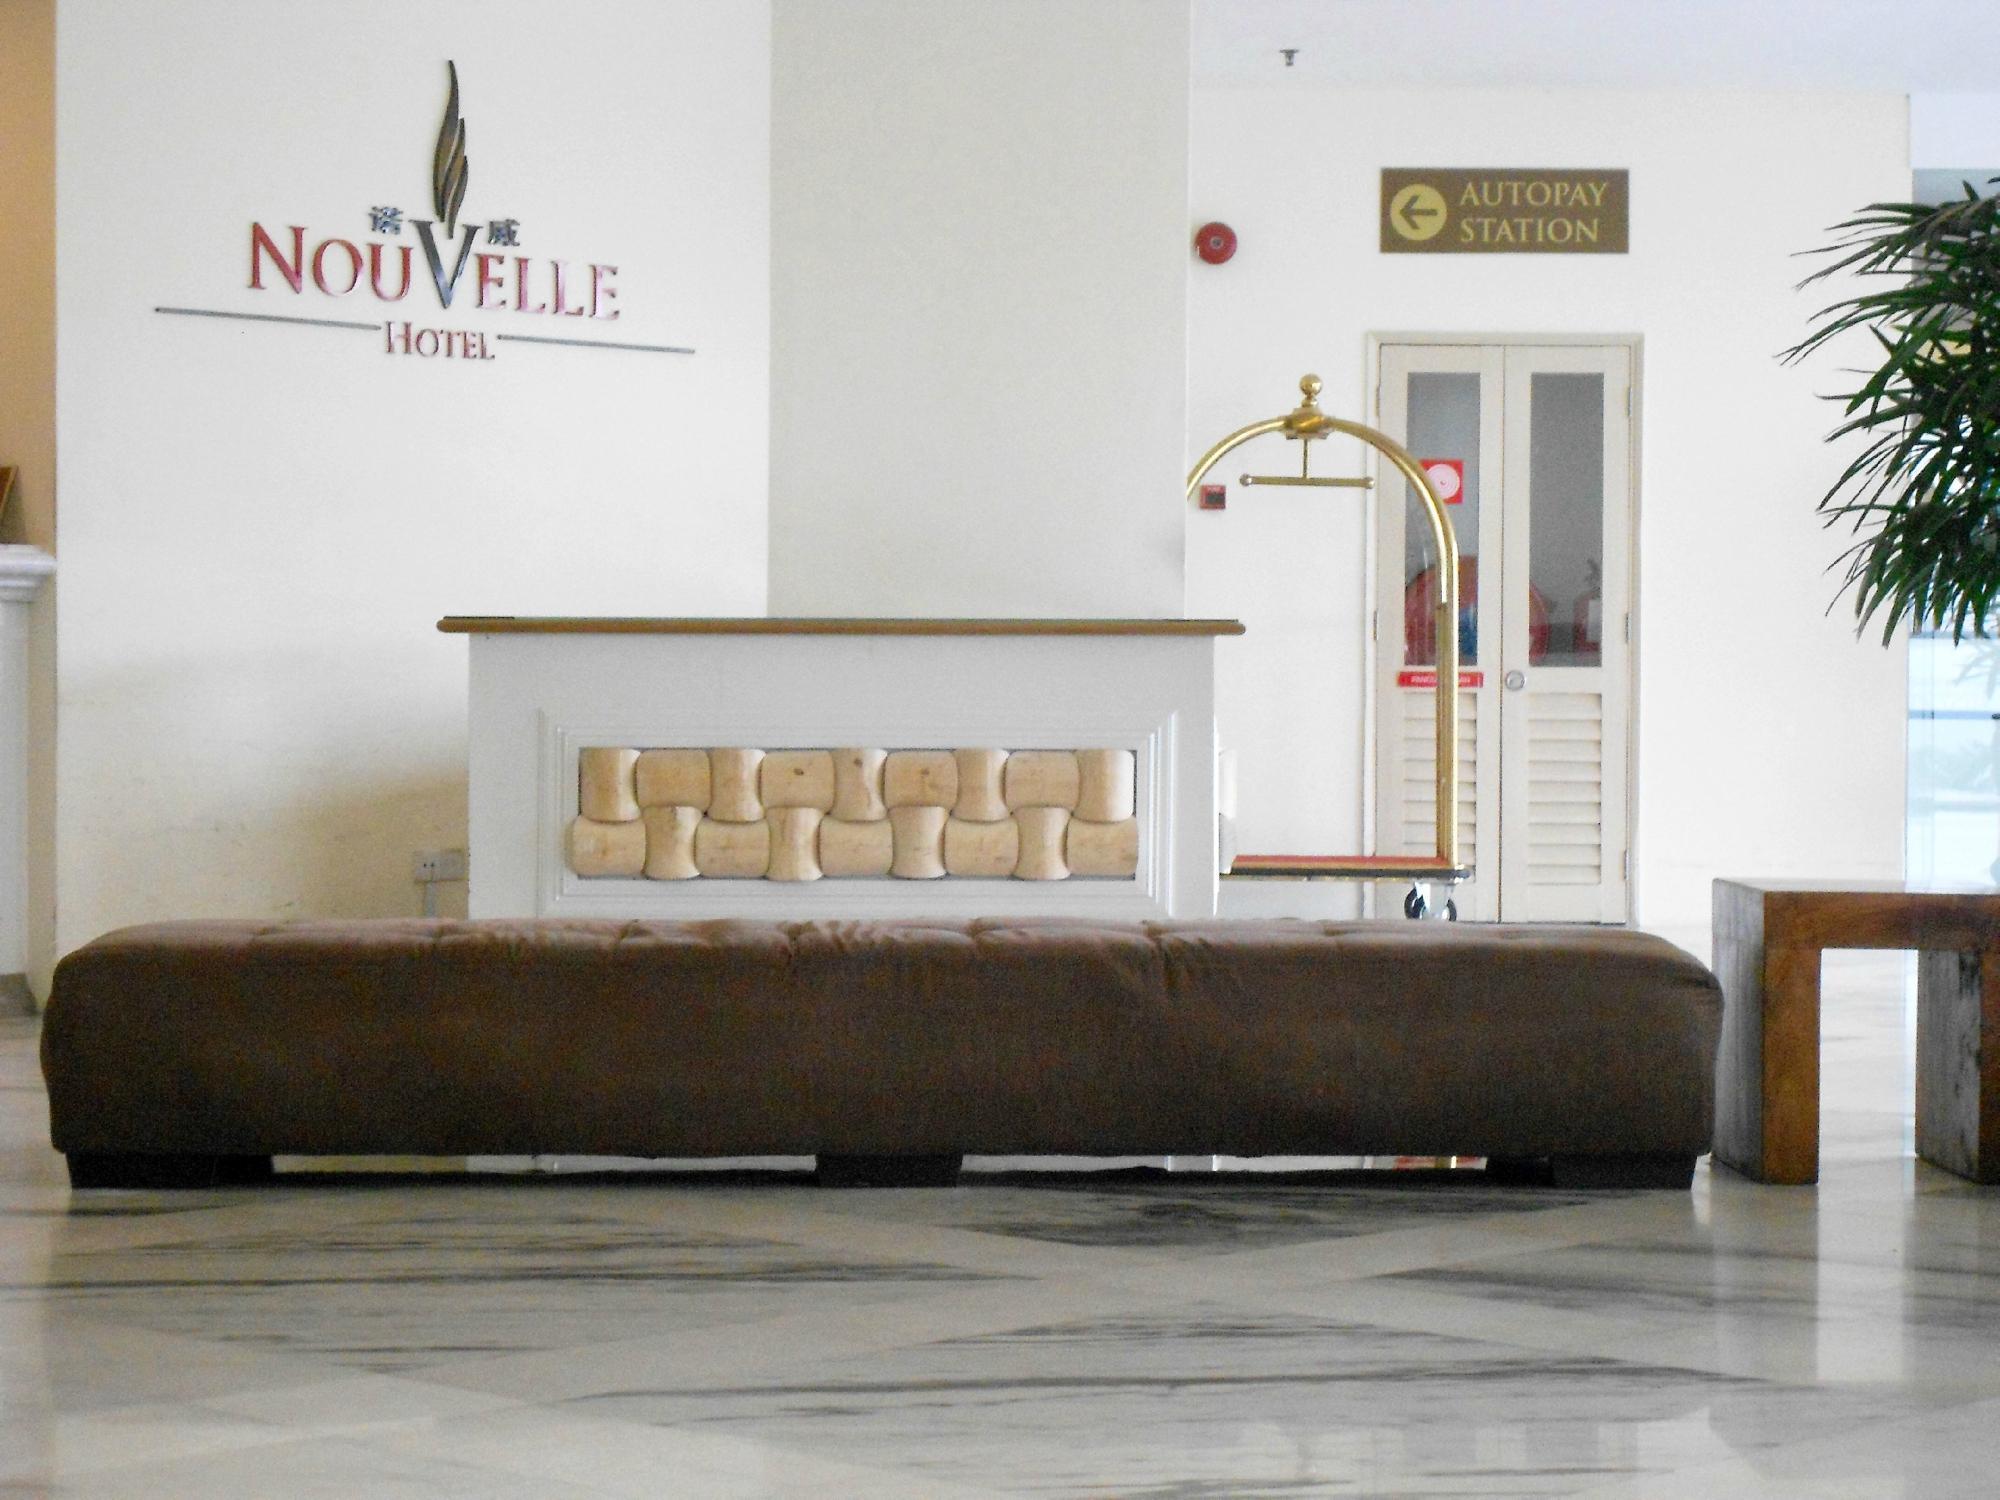 Nouvelle Hotel